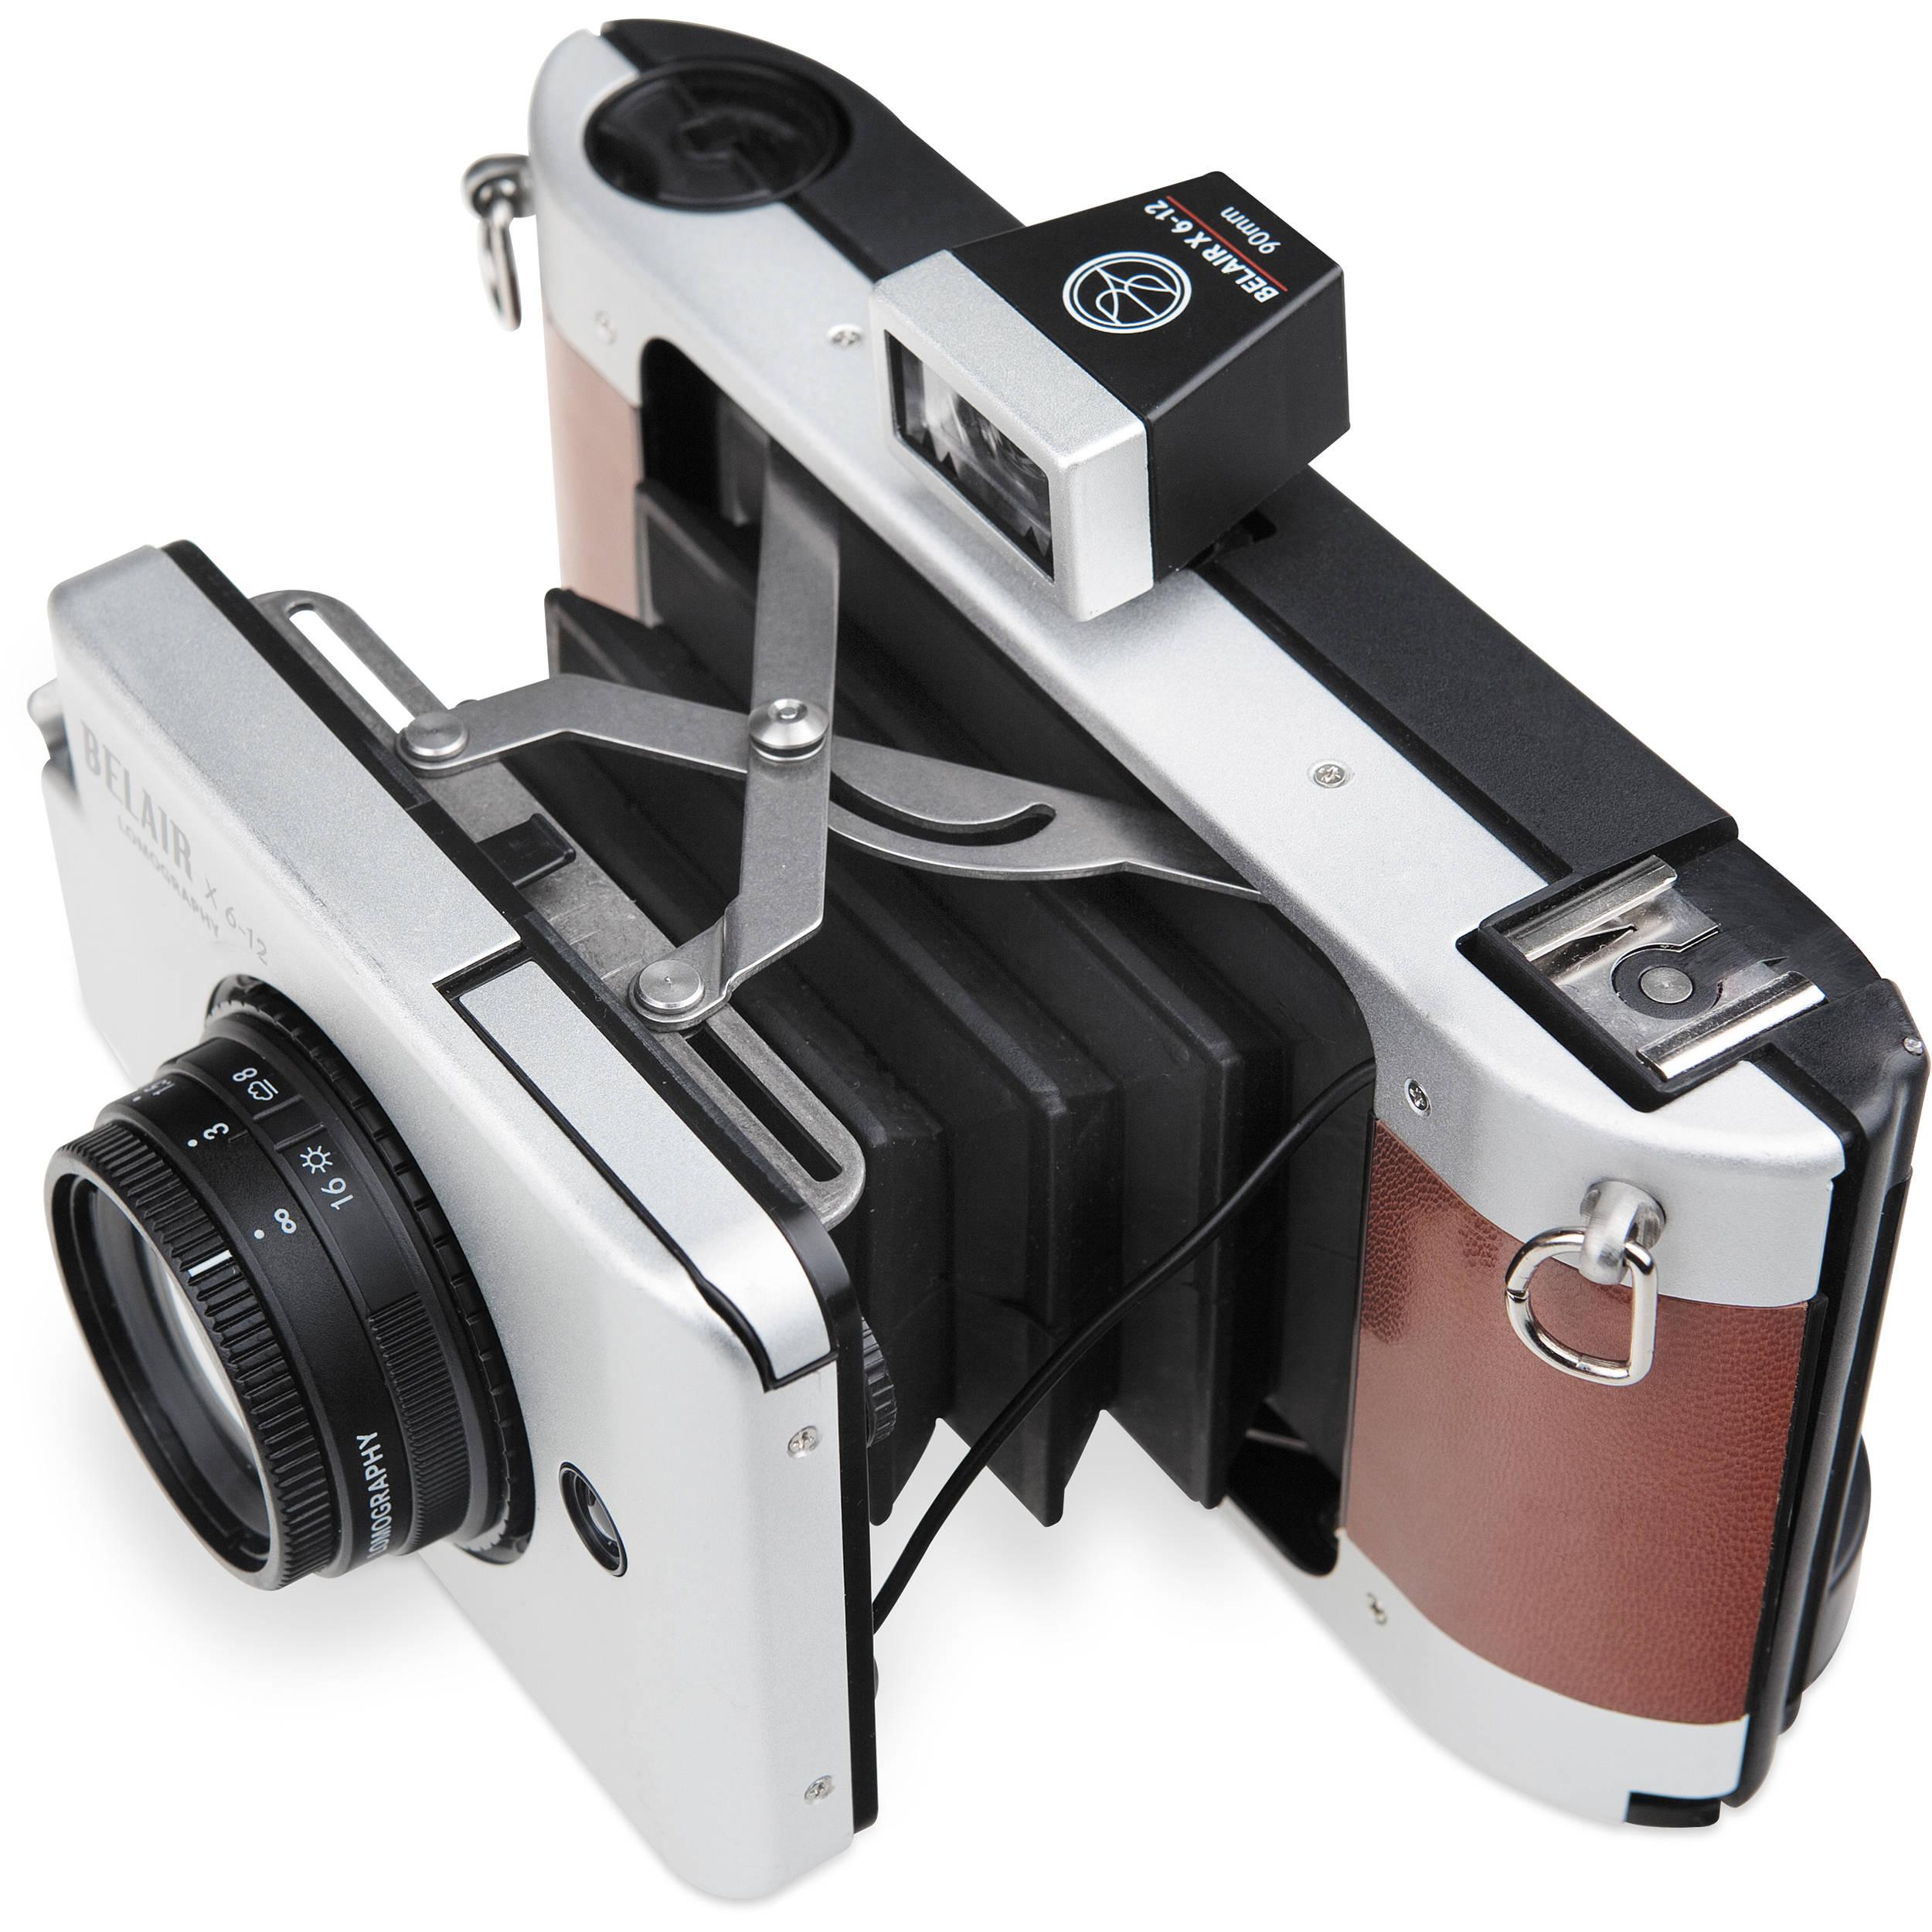 Lomography Belair X 6-12 Jetsetter Medium Format Camera HP810S